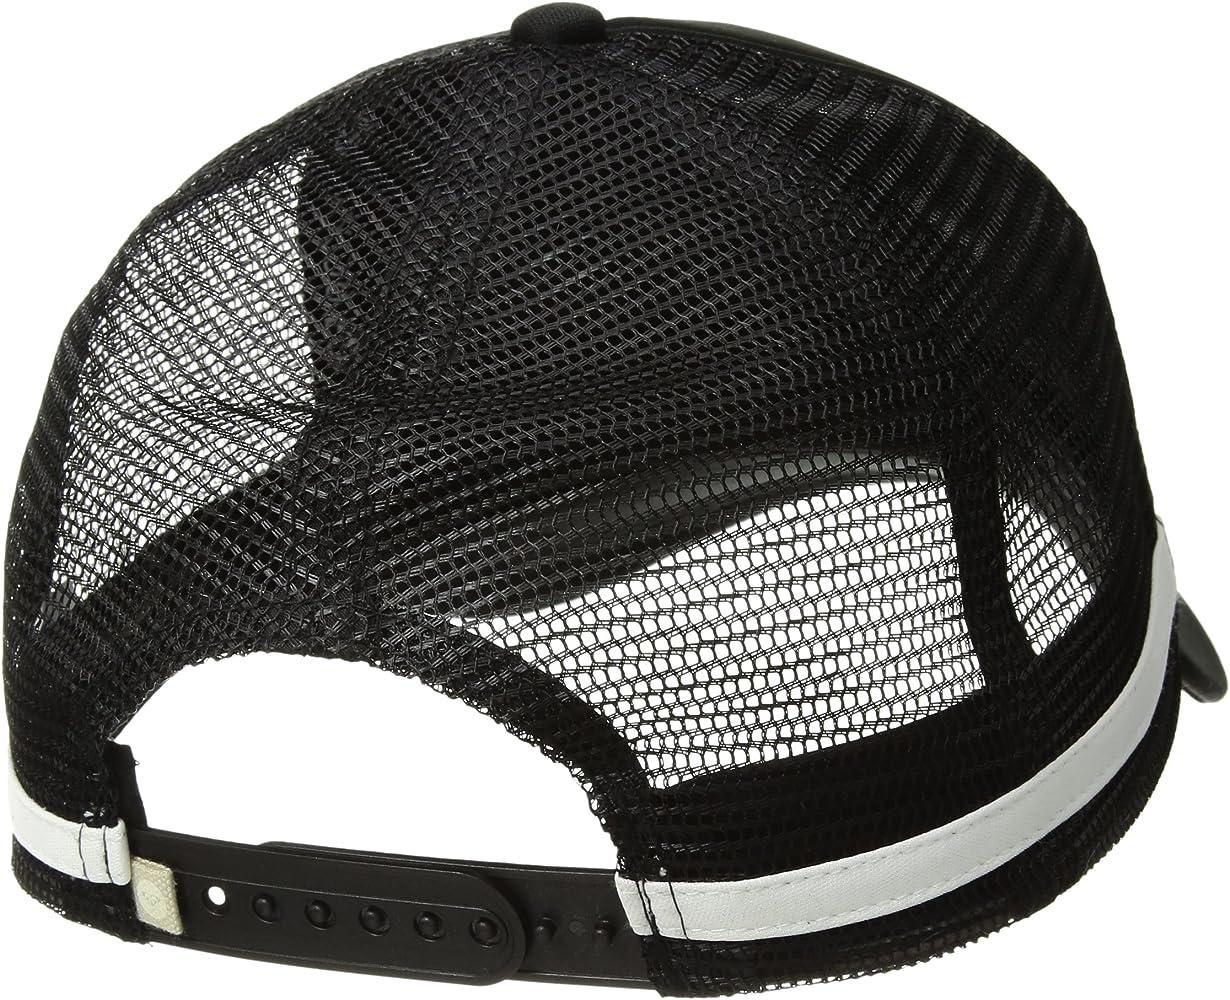 Roxy Para Mujer Dig This Trucker Hat Gorra de béisbol - Negro ...